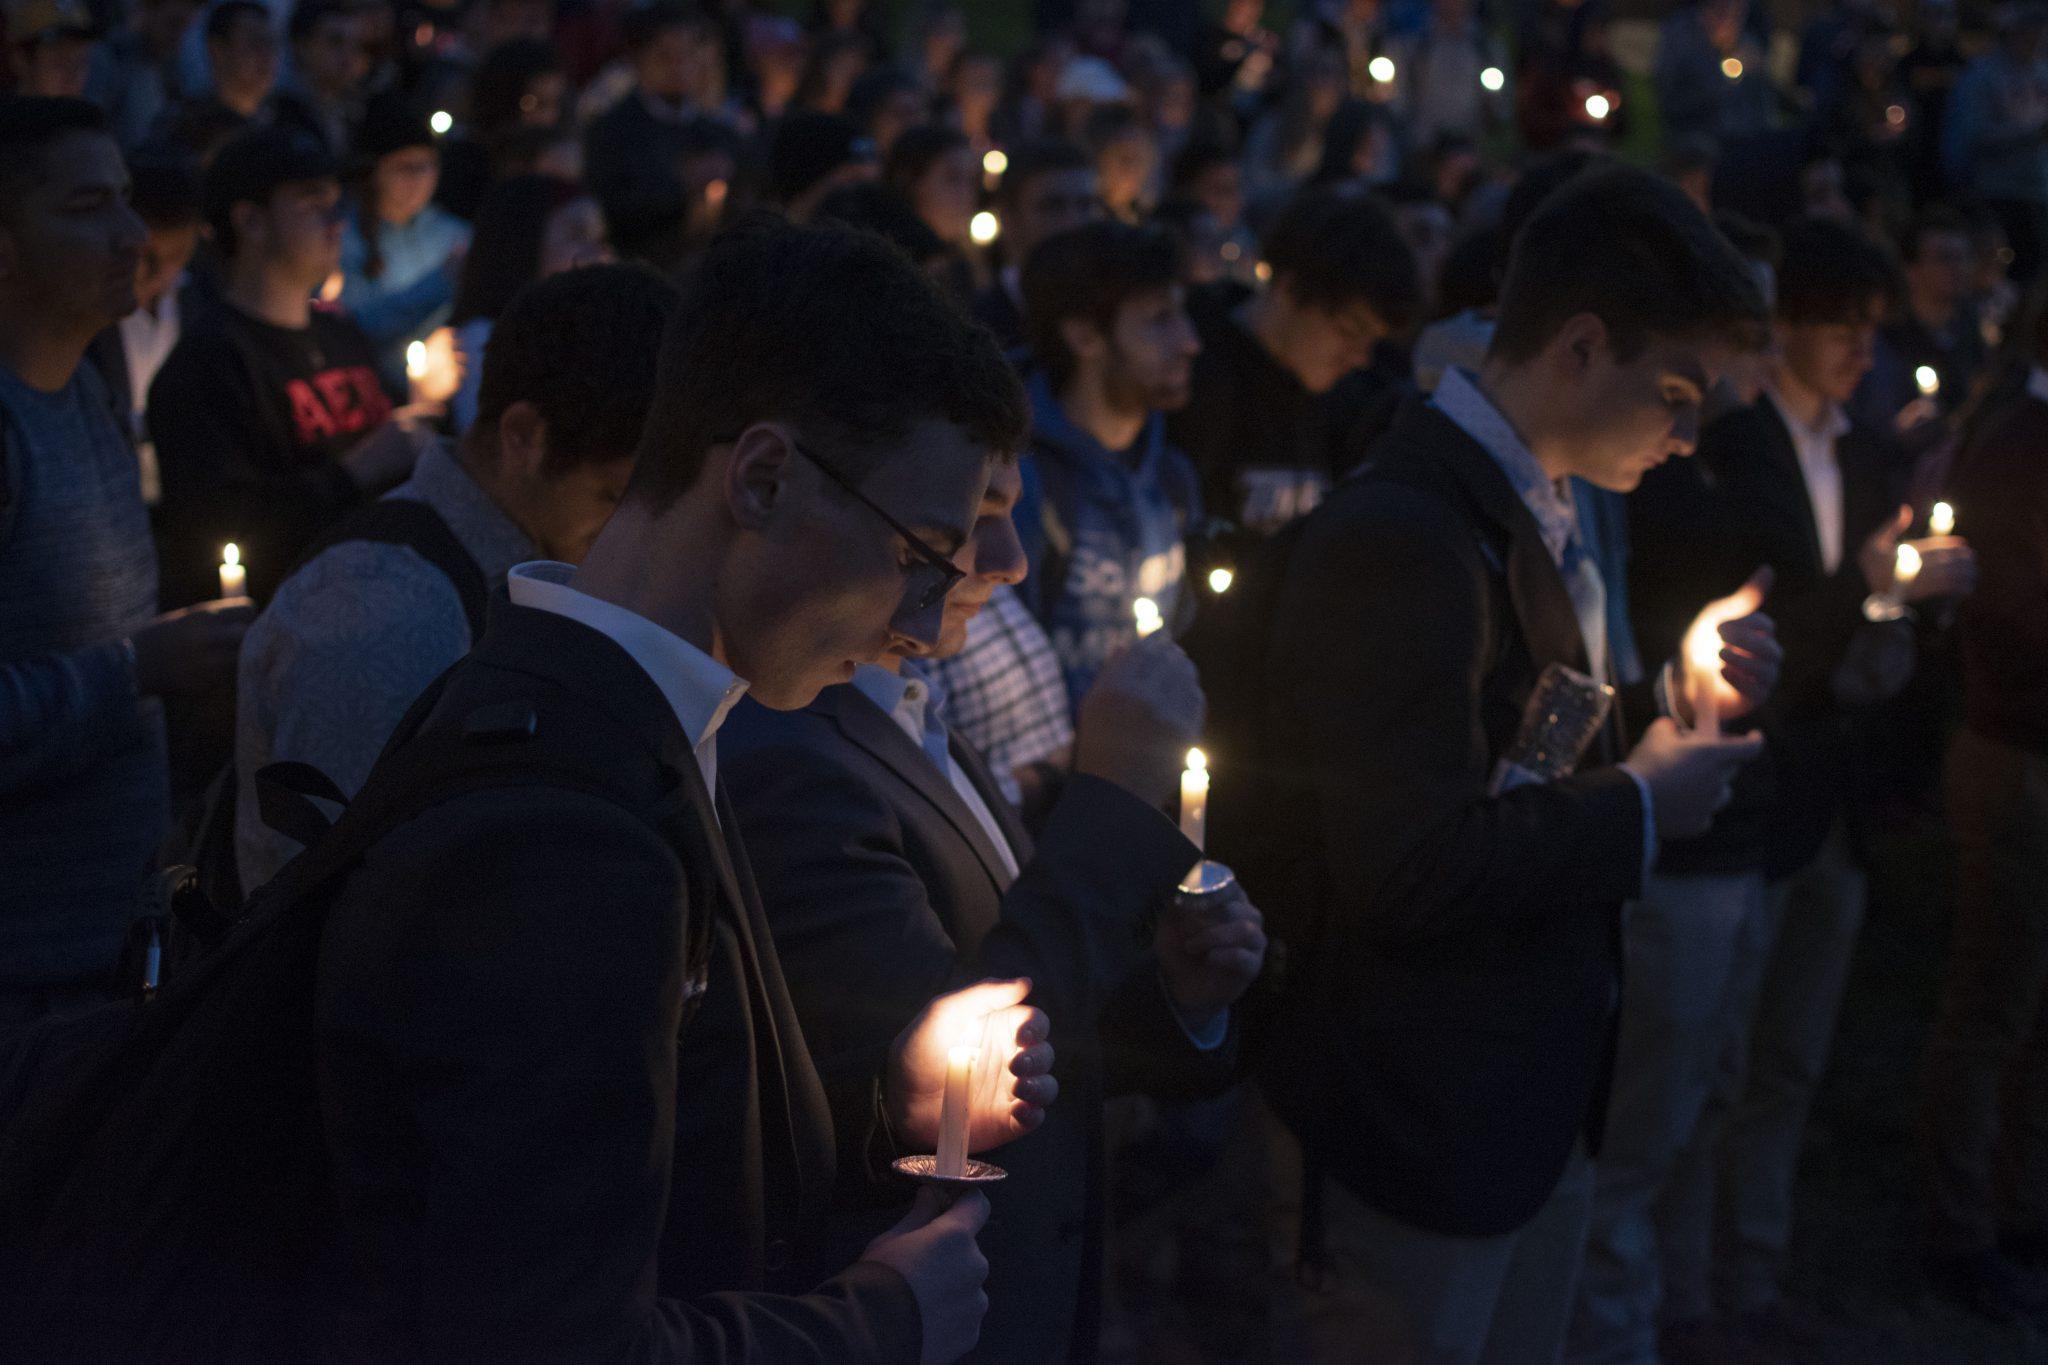 Towson vigil